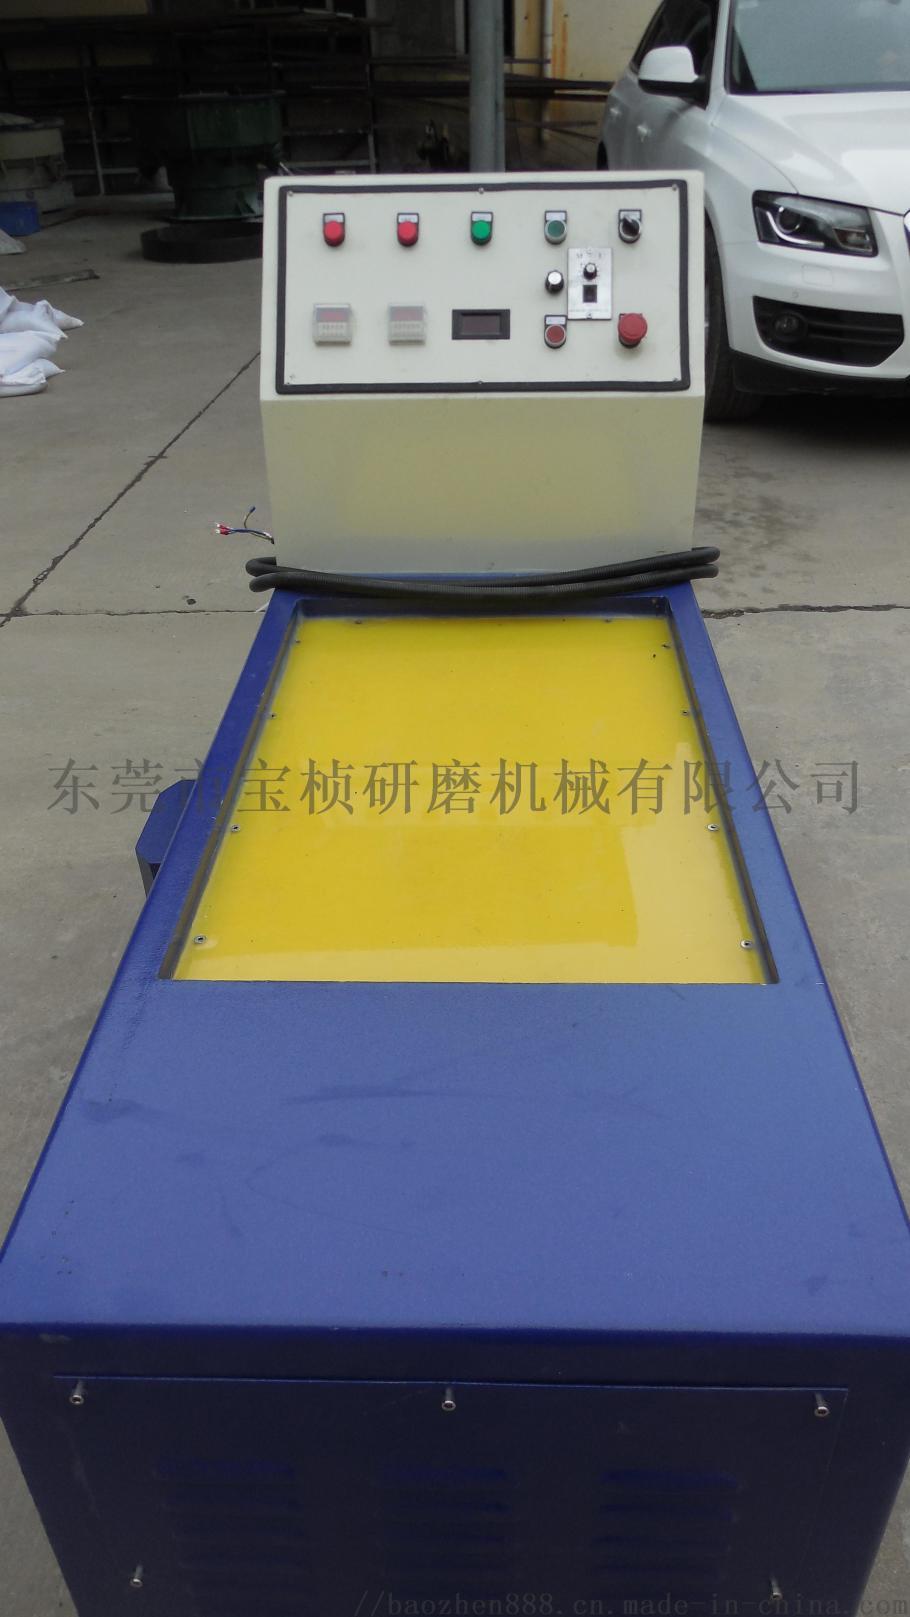 大型磁力研磨机 (1).JPG